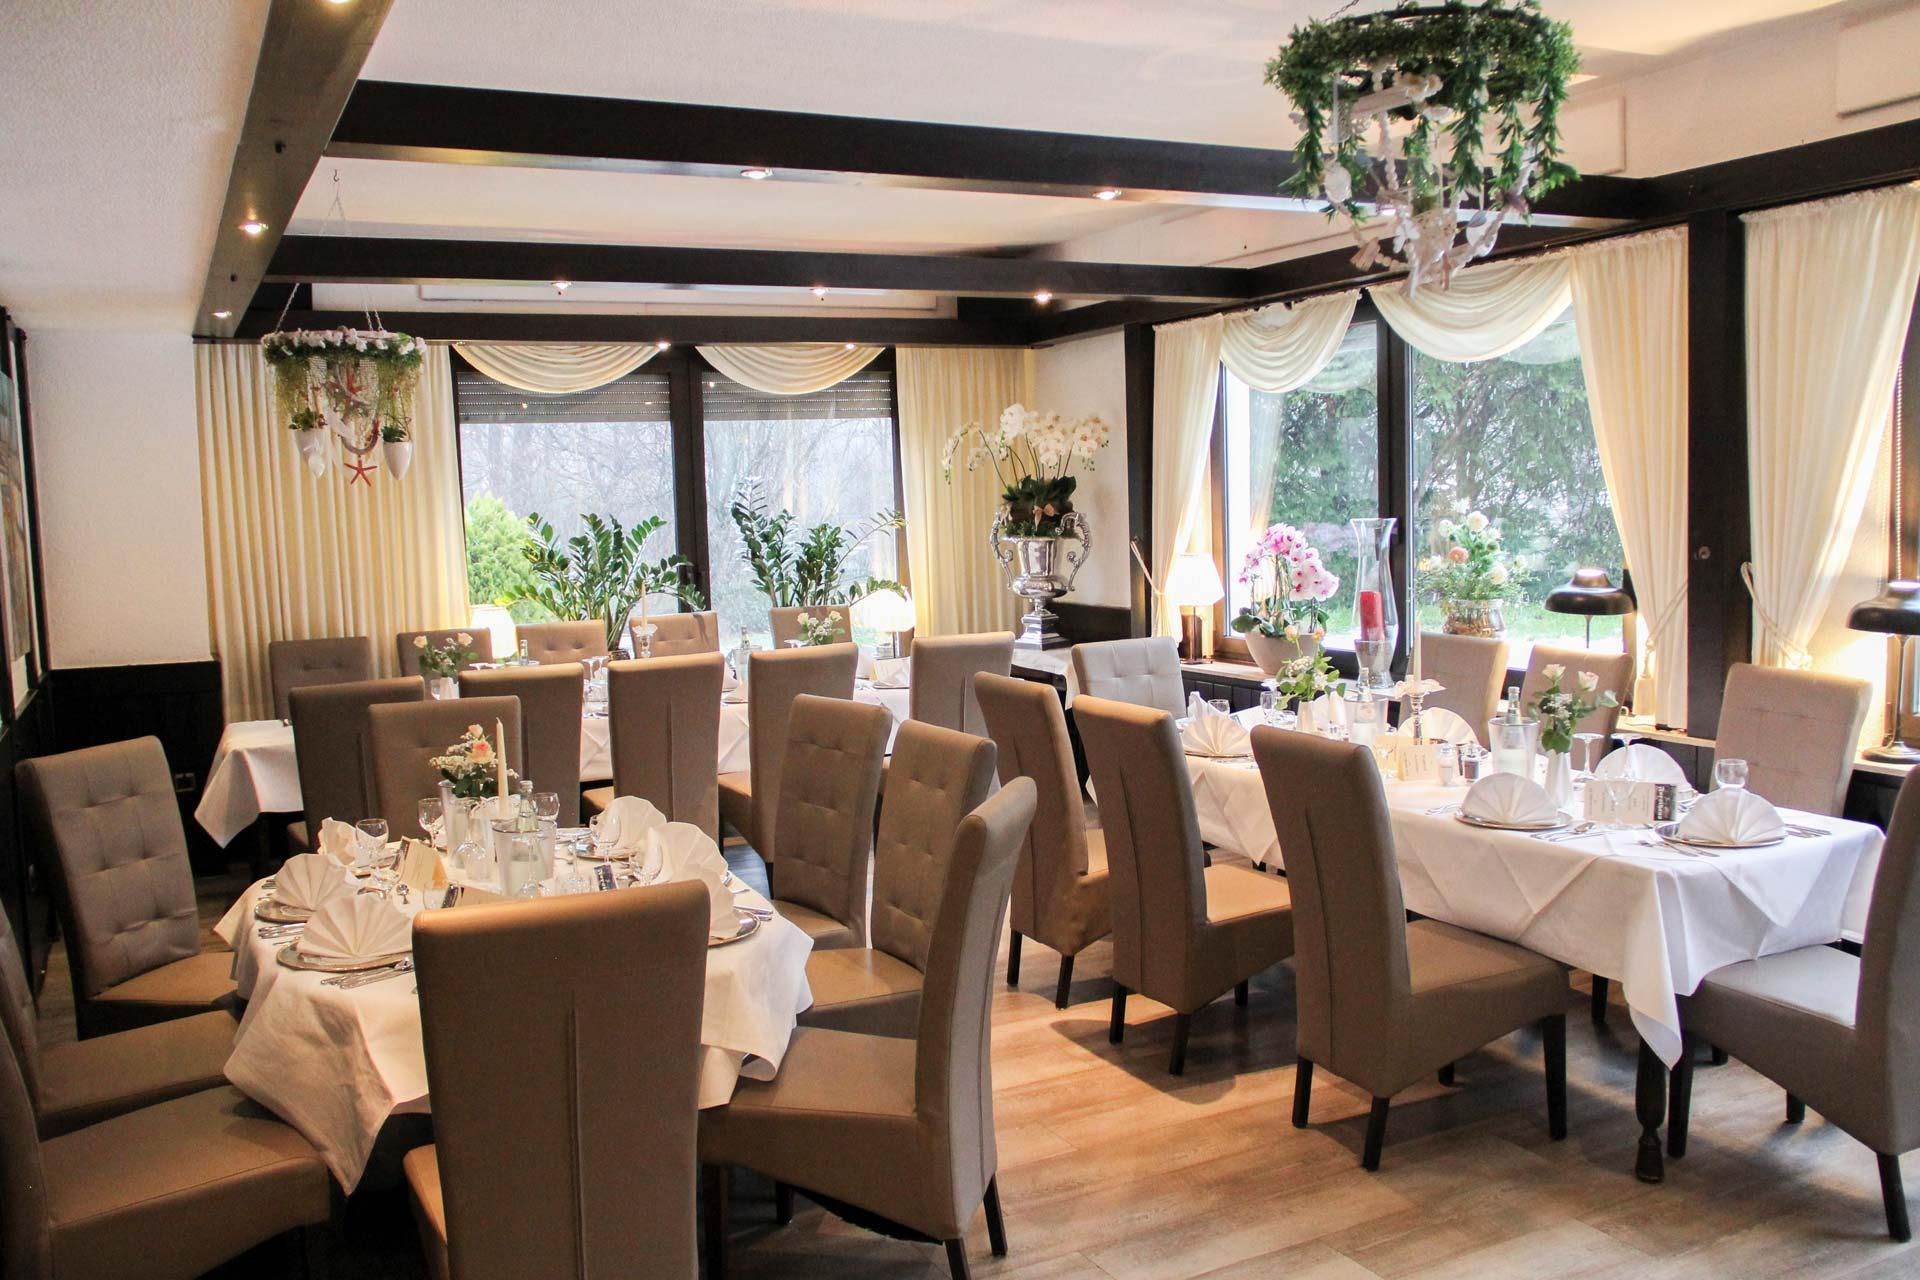 Restaurant Forsthaus_Slider-1